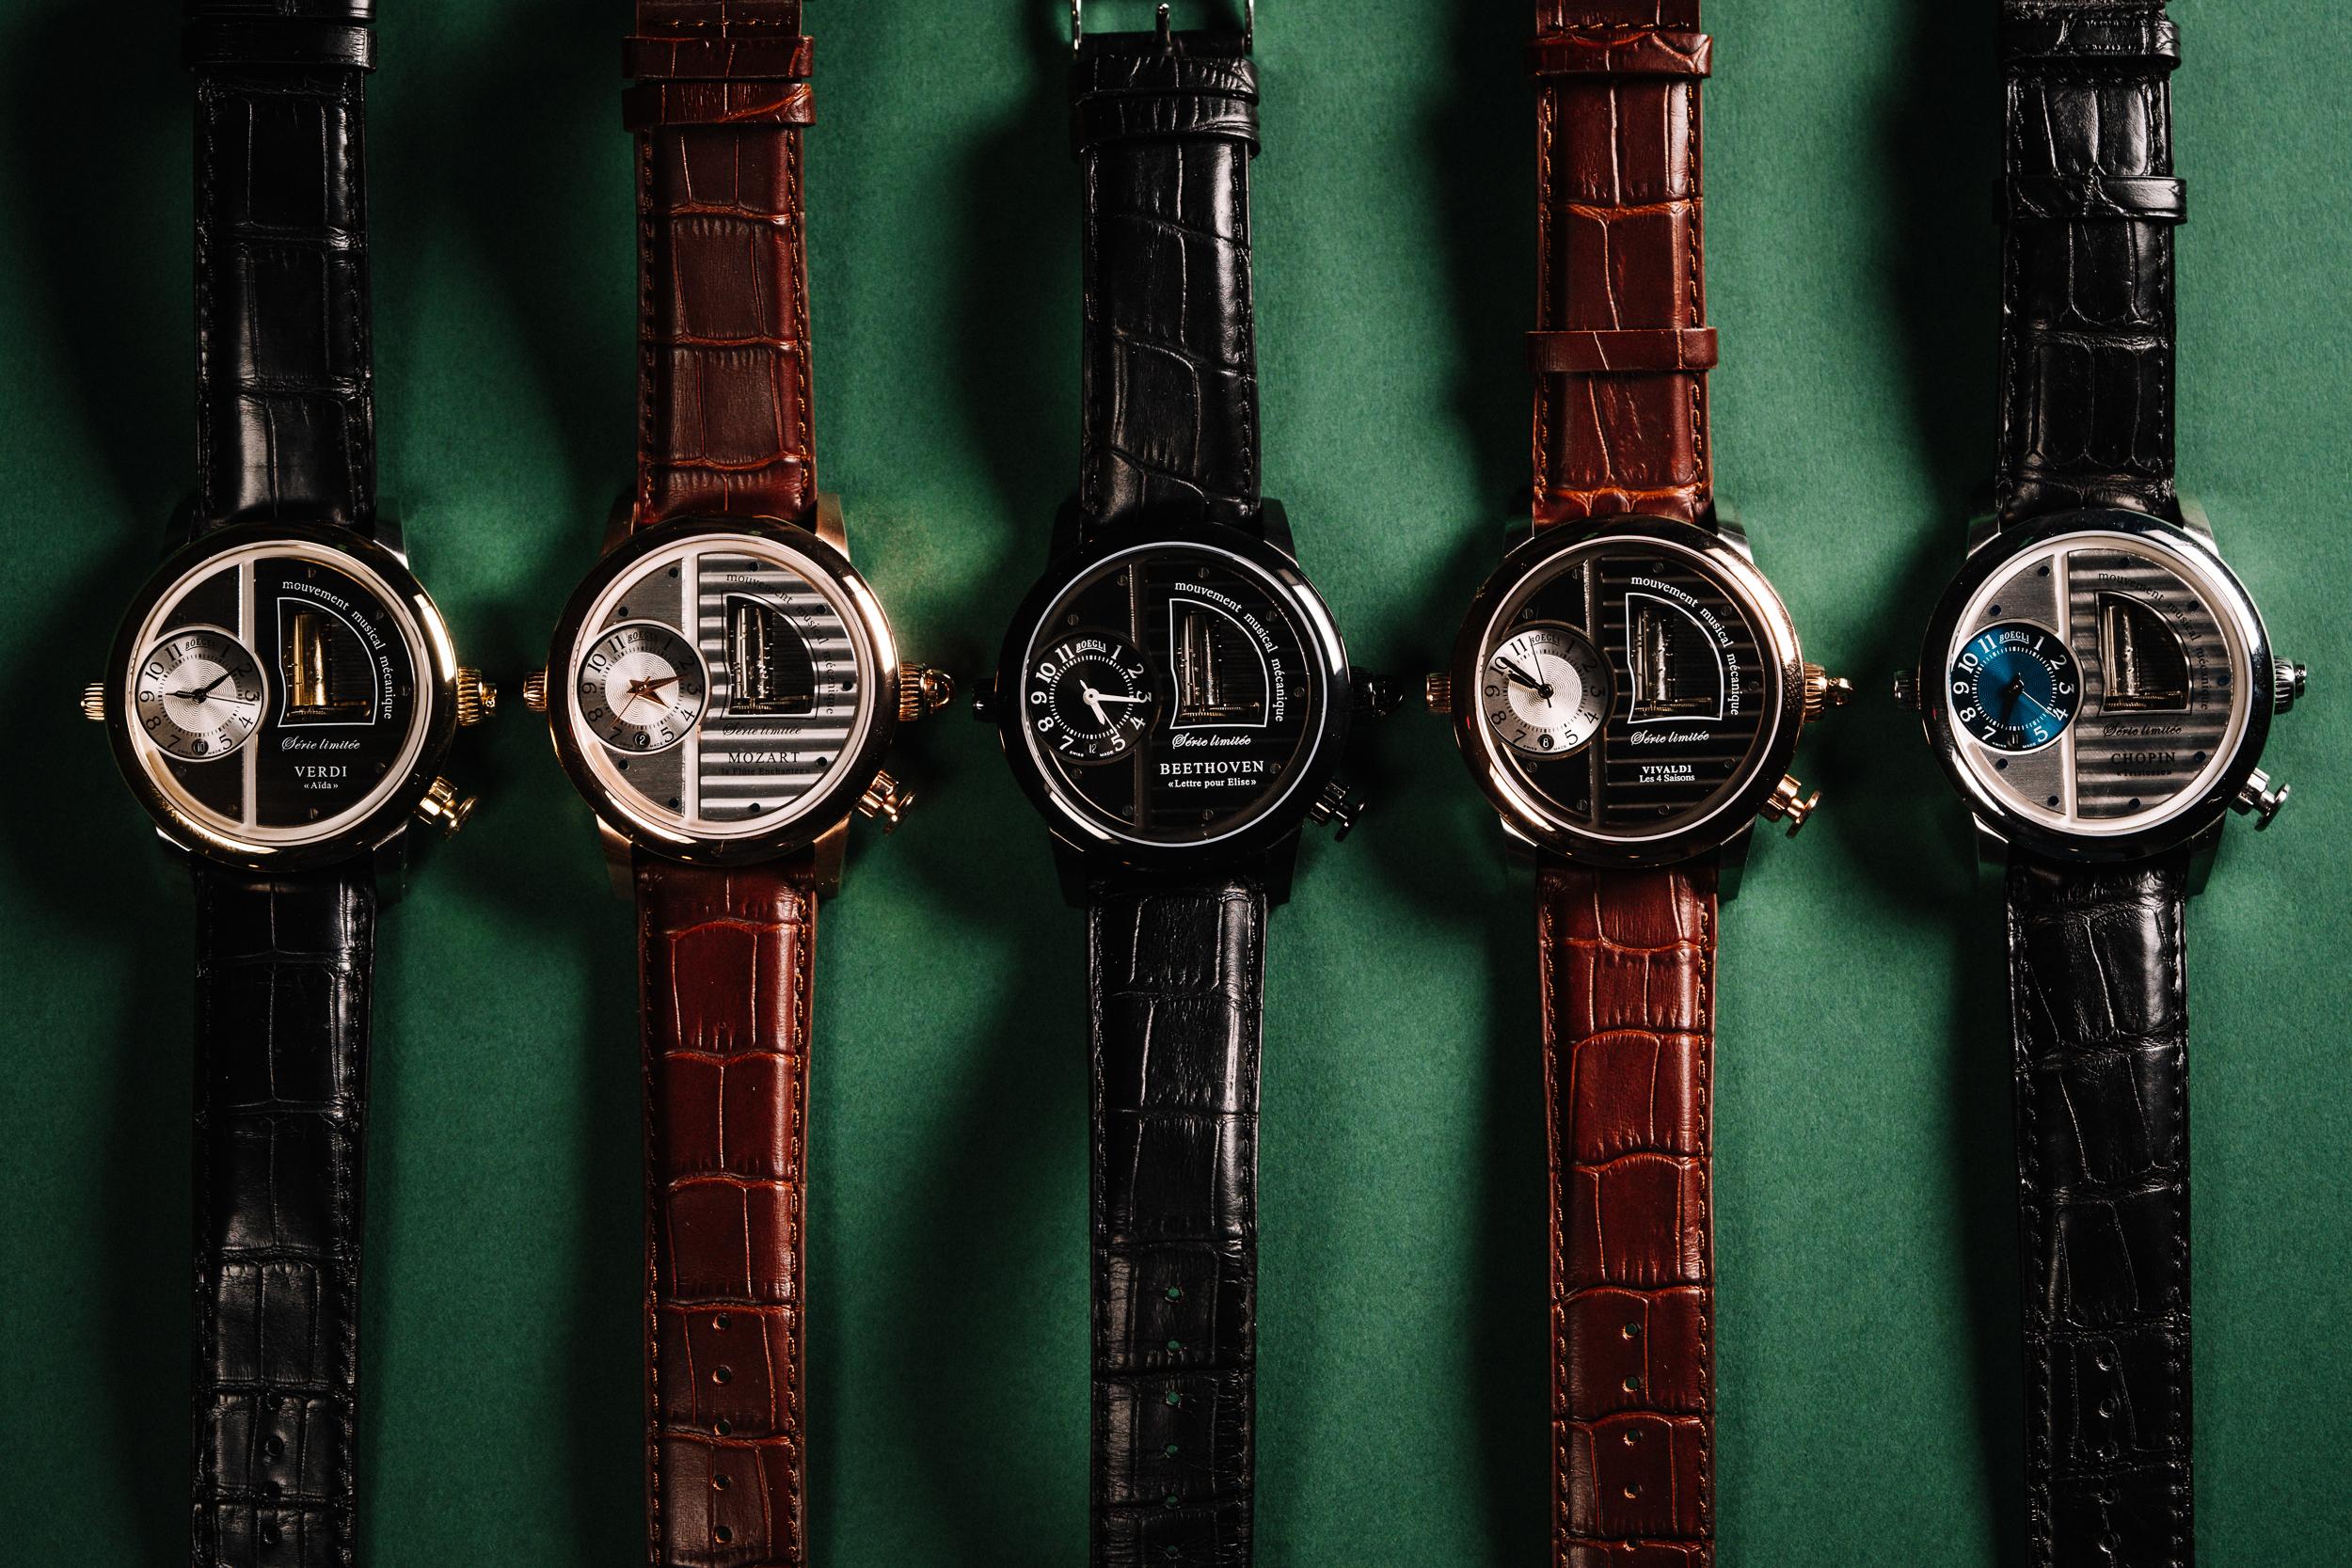 boegli2 235 - Music & Watches : In Conversation with Vitali Pavlov CEO Boegli Watches